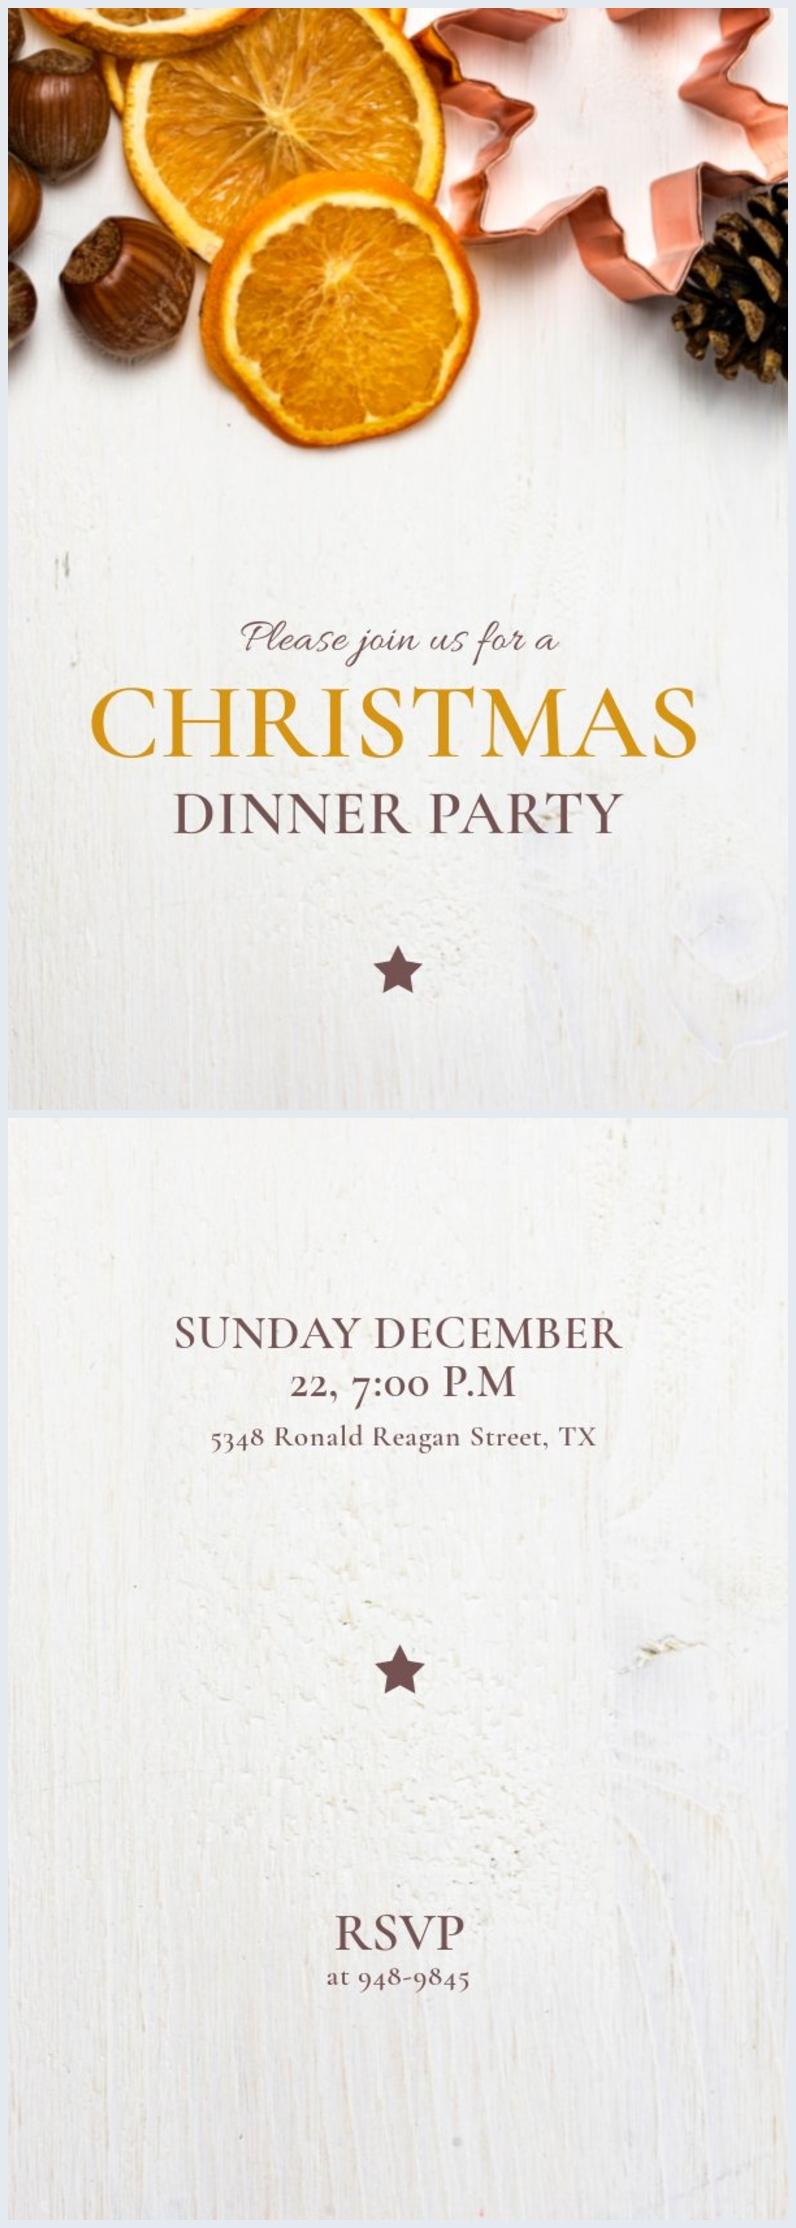 Plantilla para invitación a la cena de Navidad